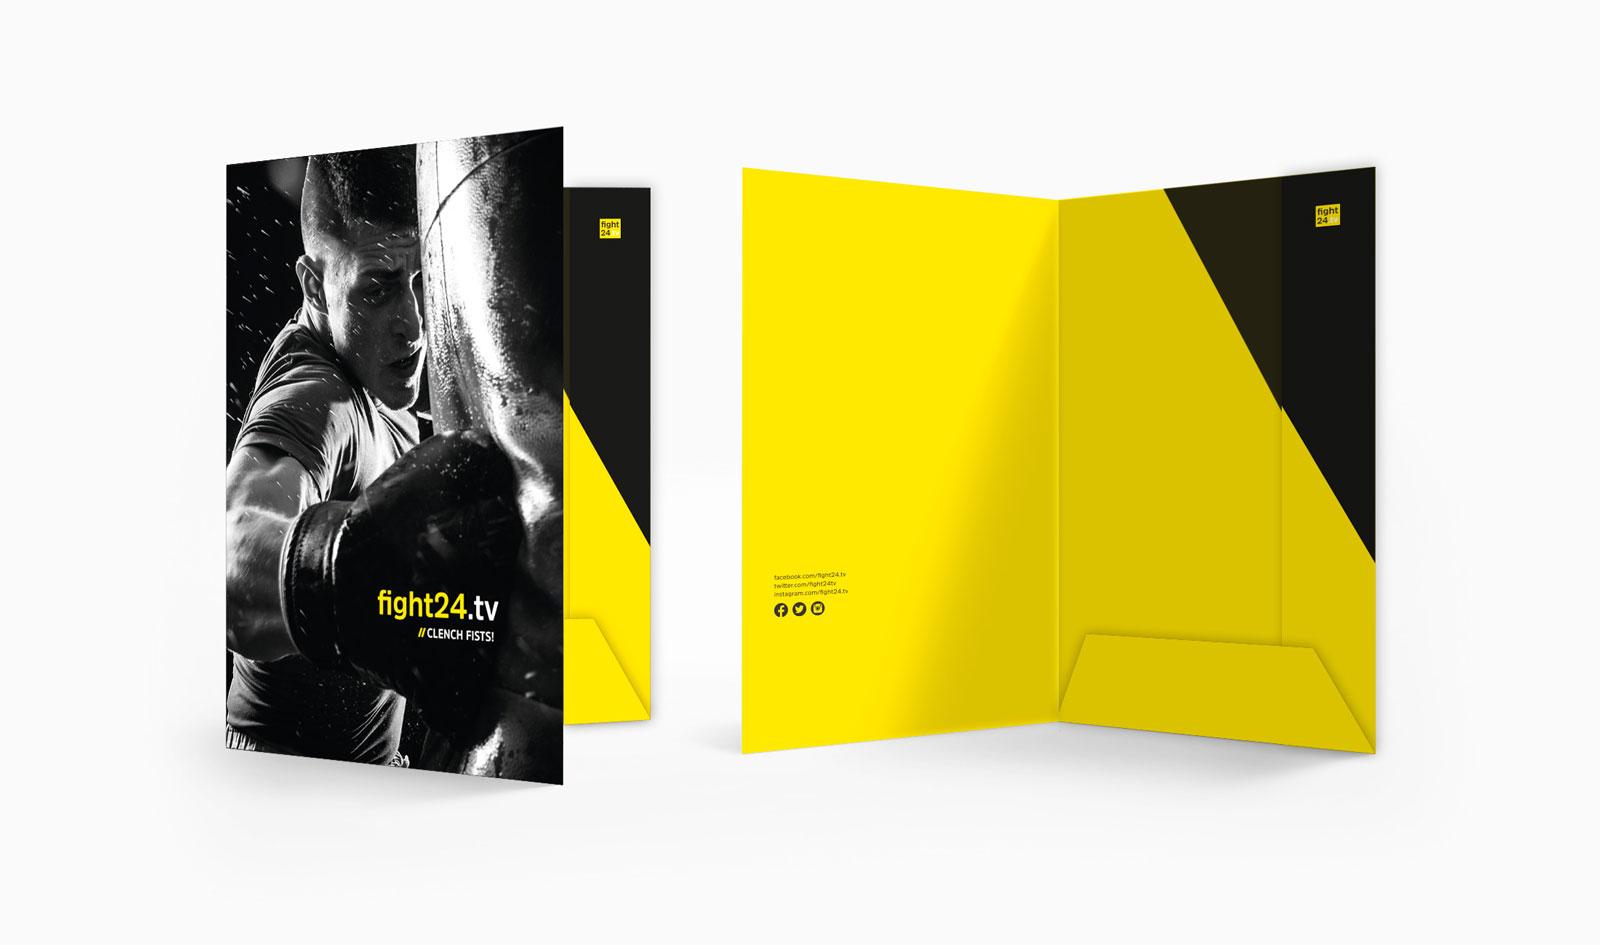 kathrin, krasselt, mediendesign, grafik, grafiker, leipzig, werbung, webdesign, logo, corporate, design, fight24